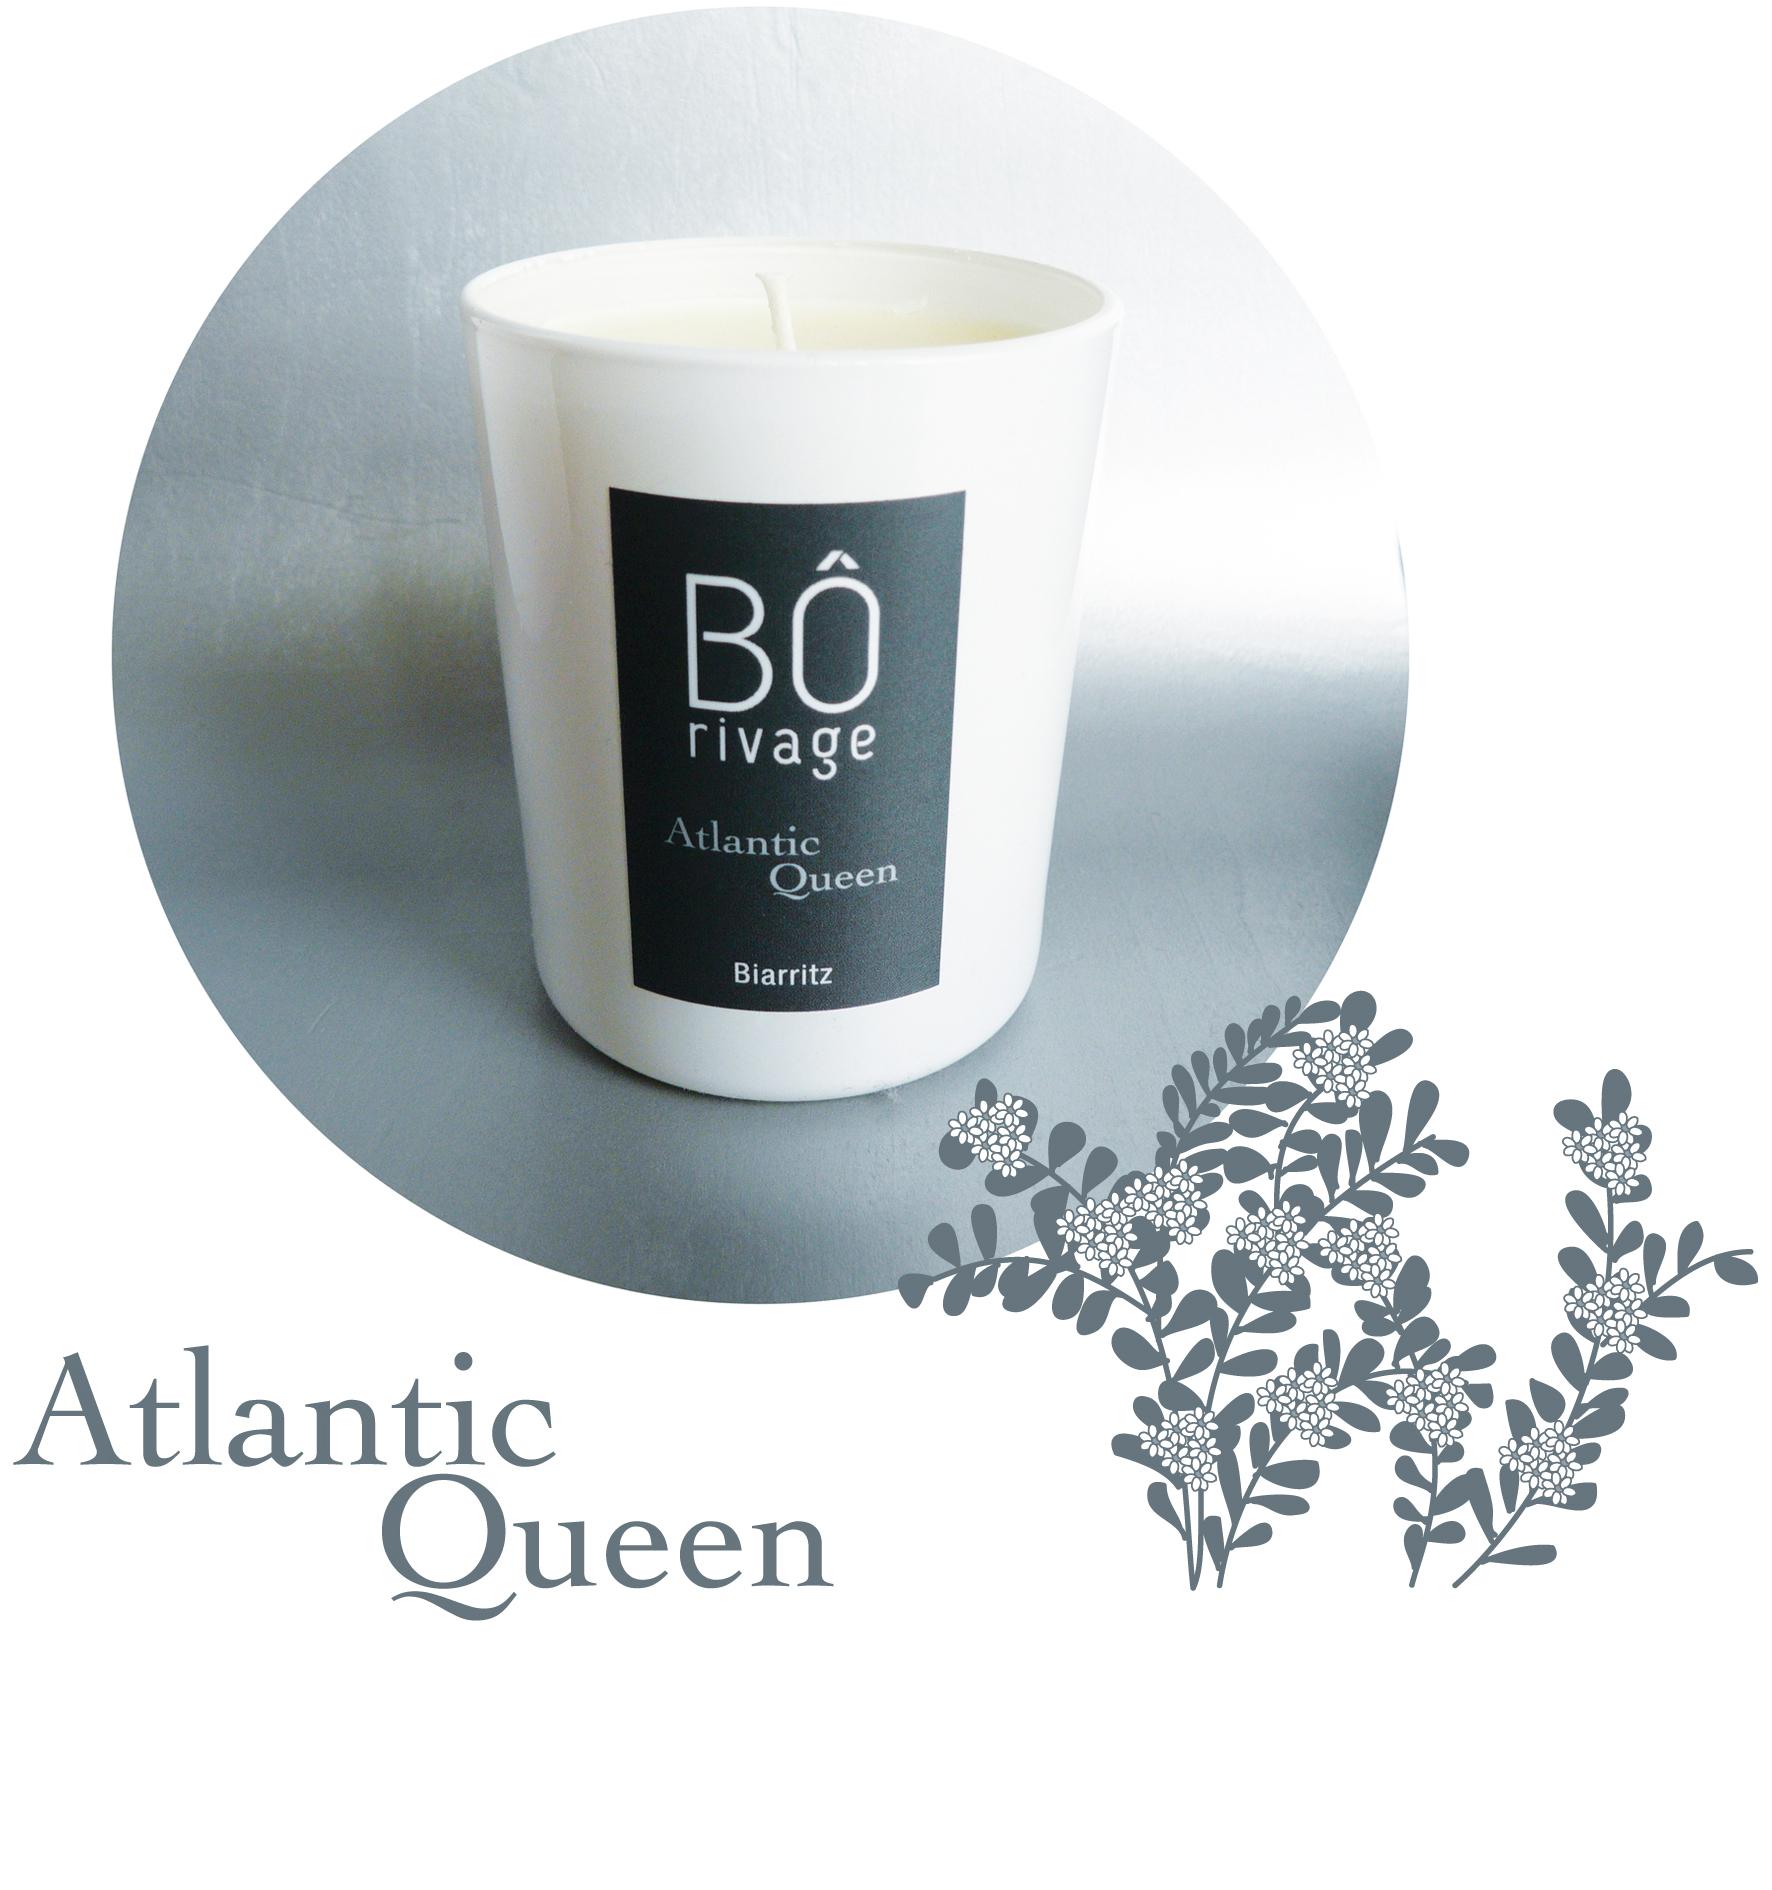 Bougie Atlantic Queen